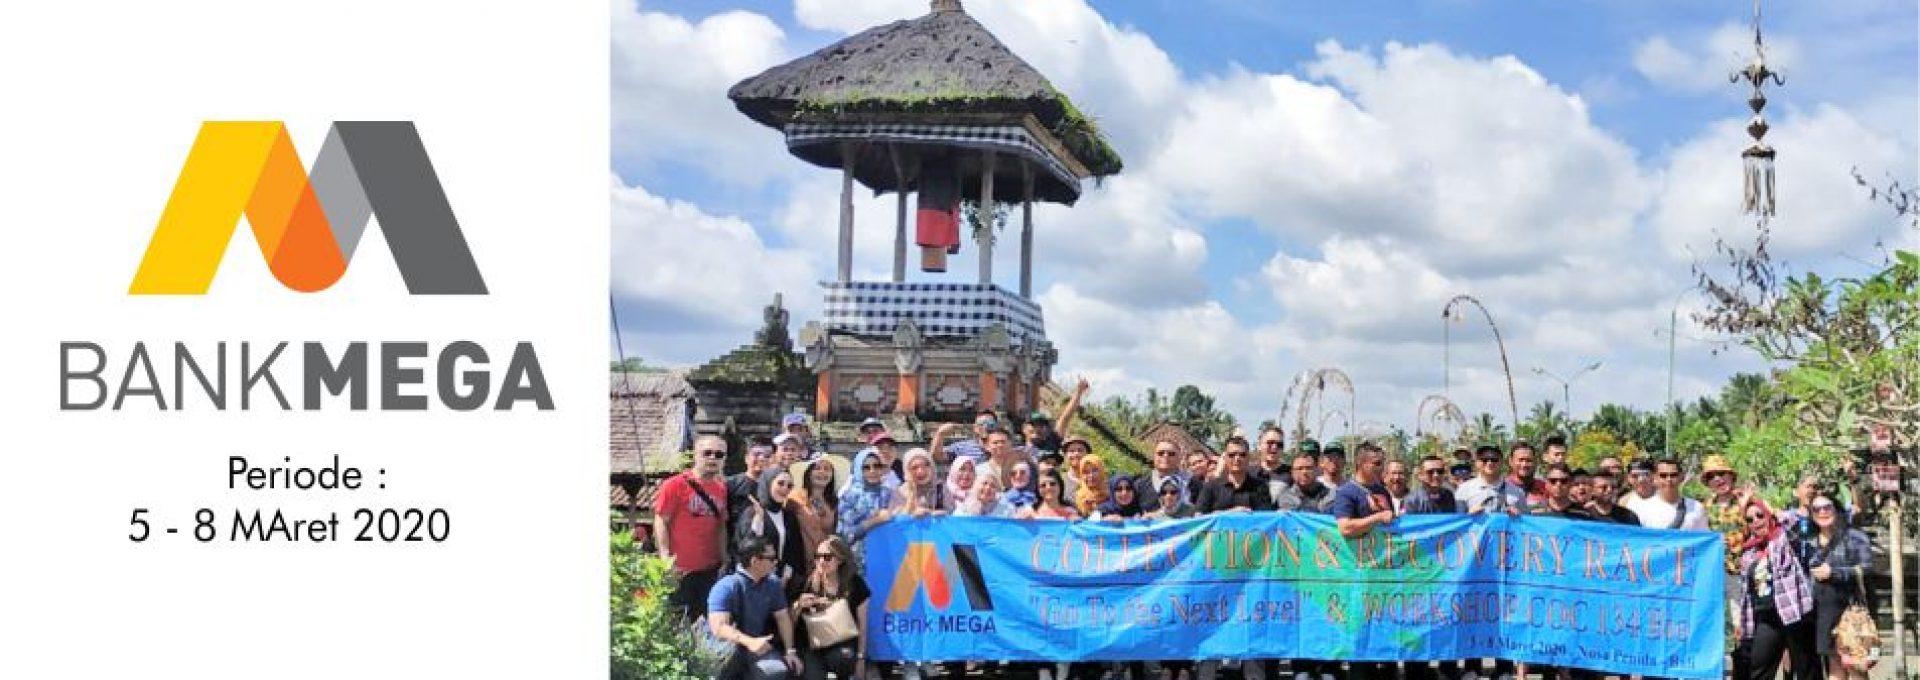 Paket Tour Bali dan Paket Wisata Bali Murah